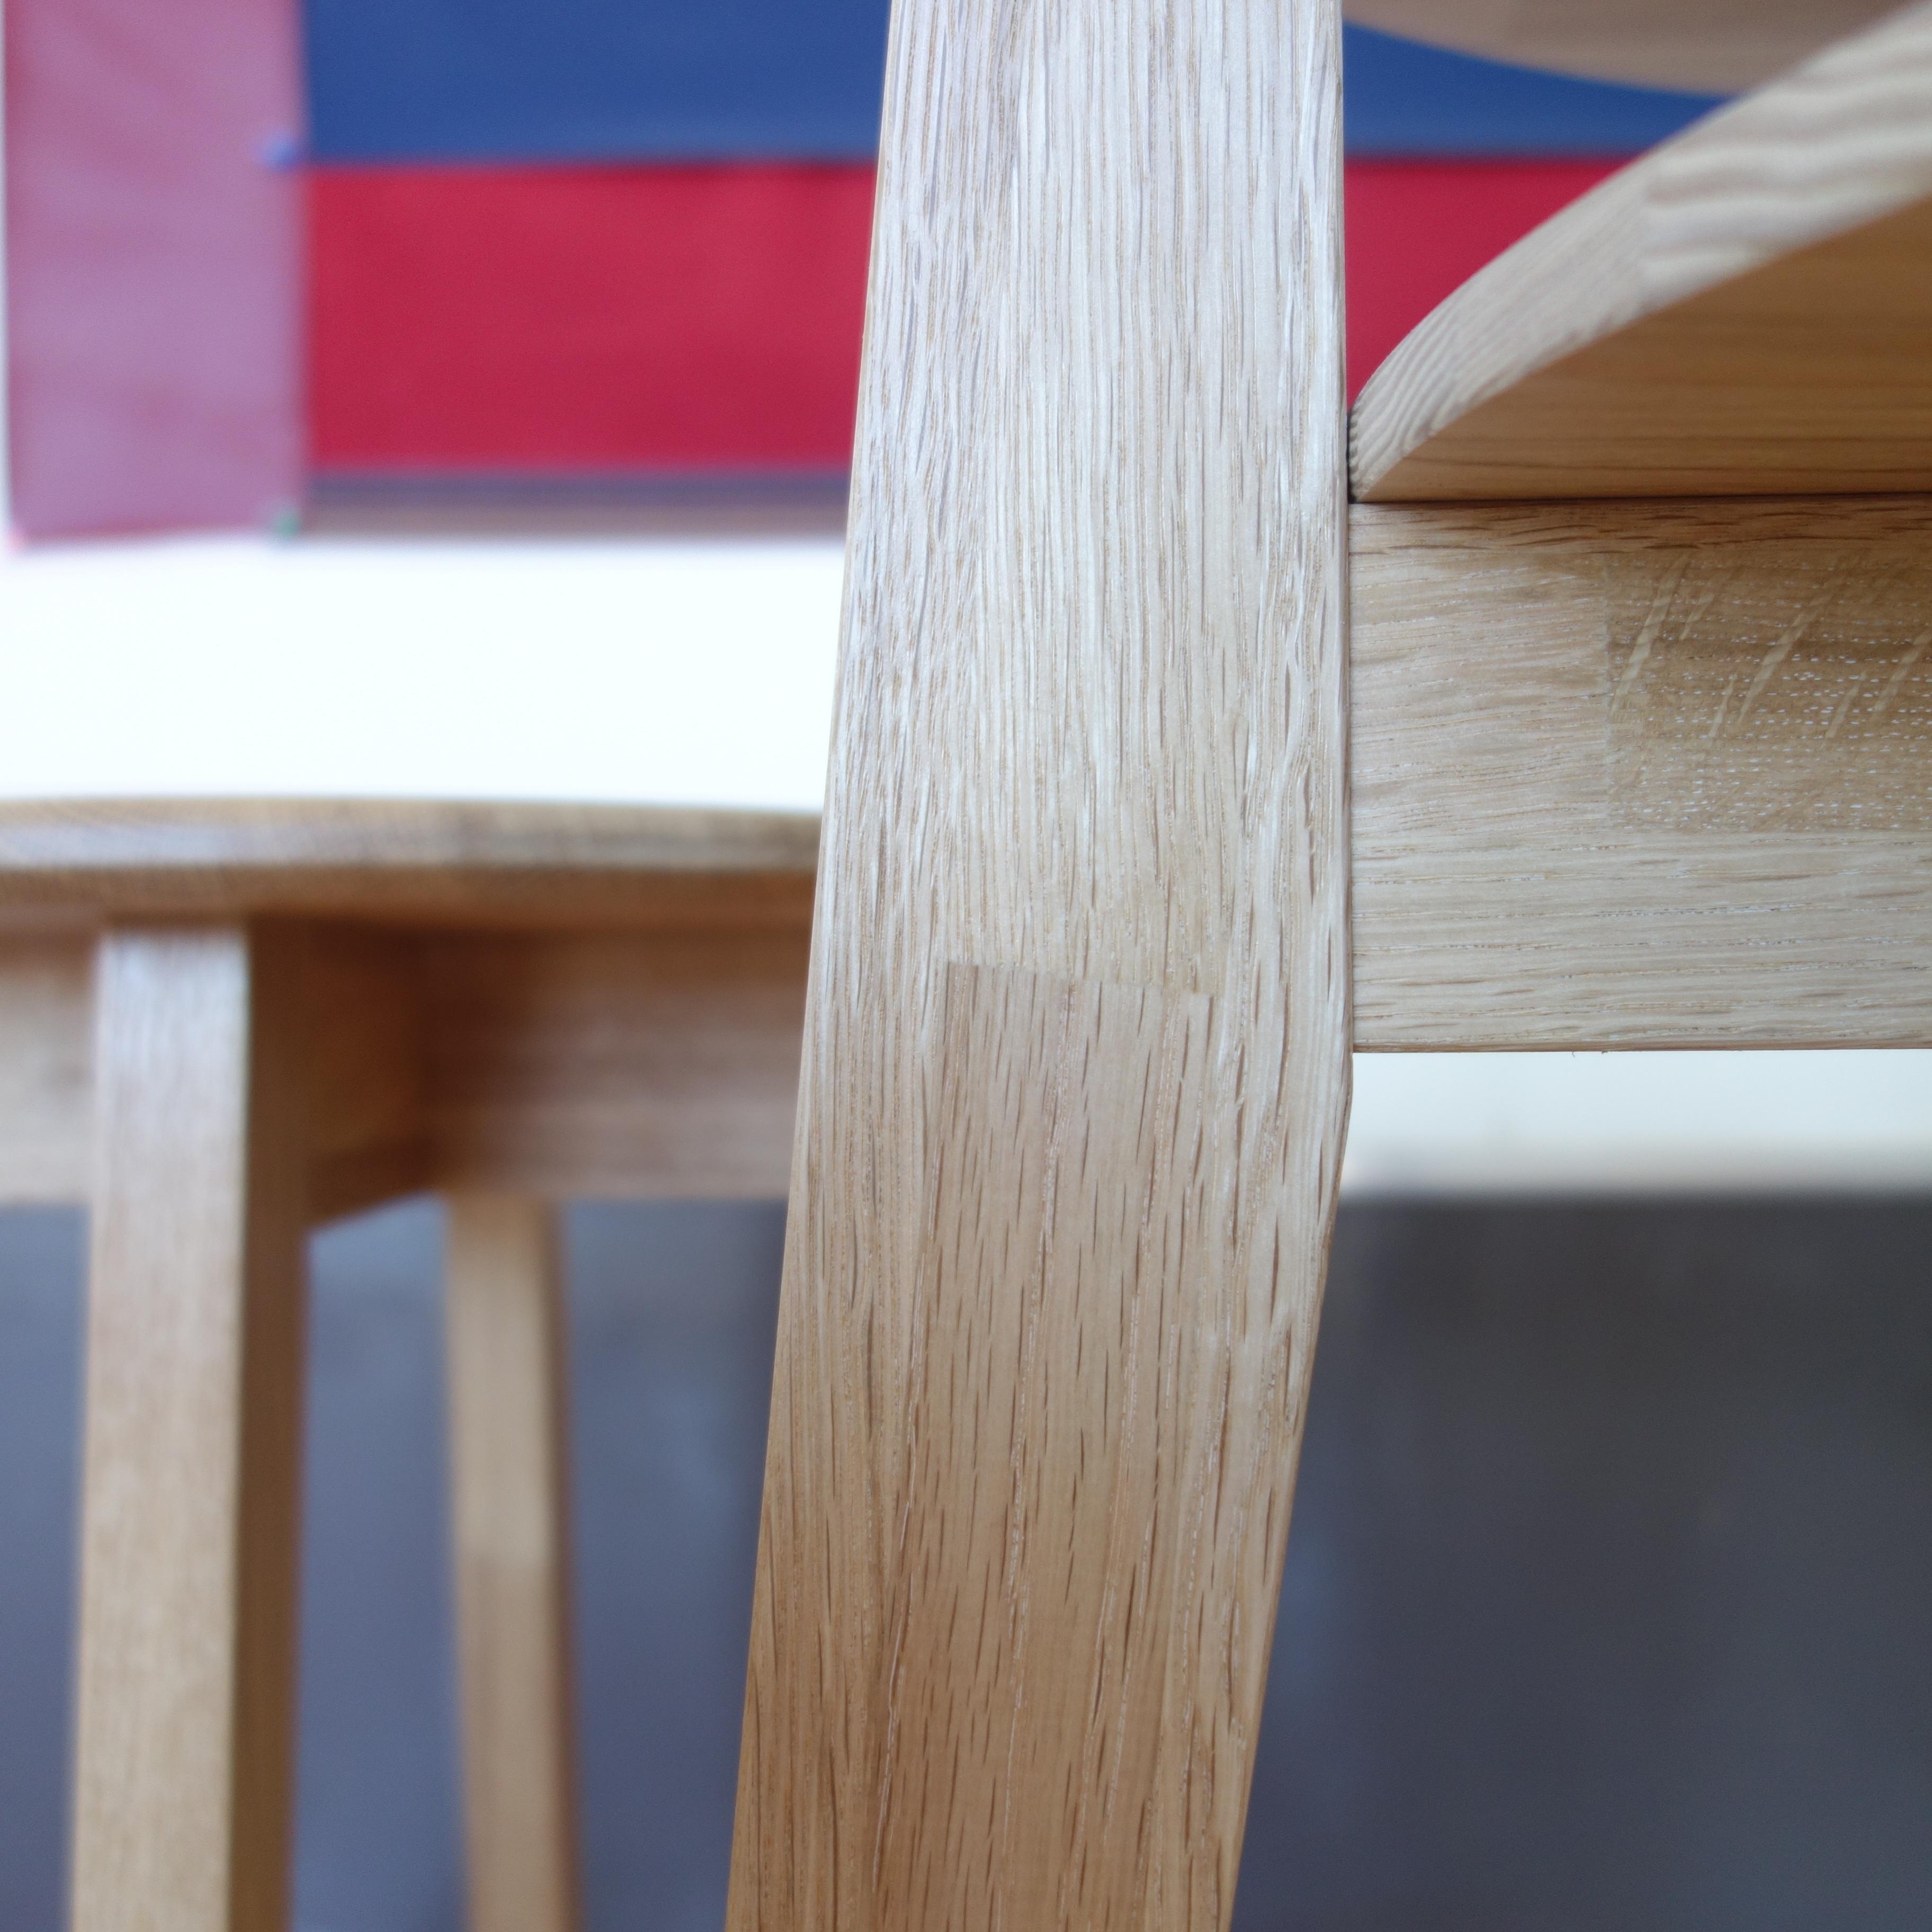 【カフェテーブル 3点セット】 テーブル×1 スツール×2 - 画像4